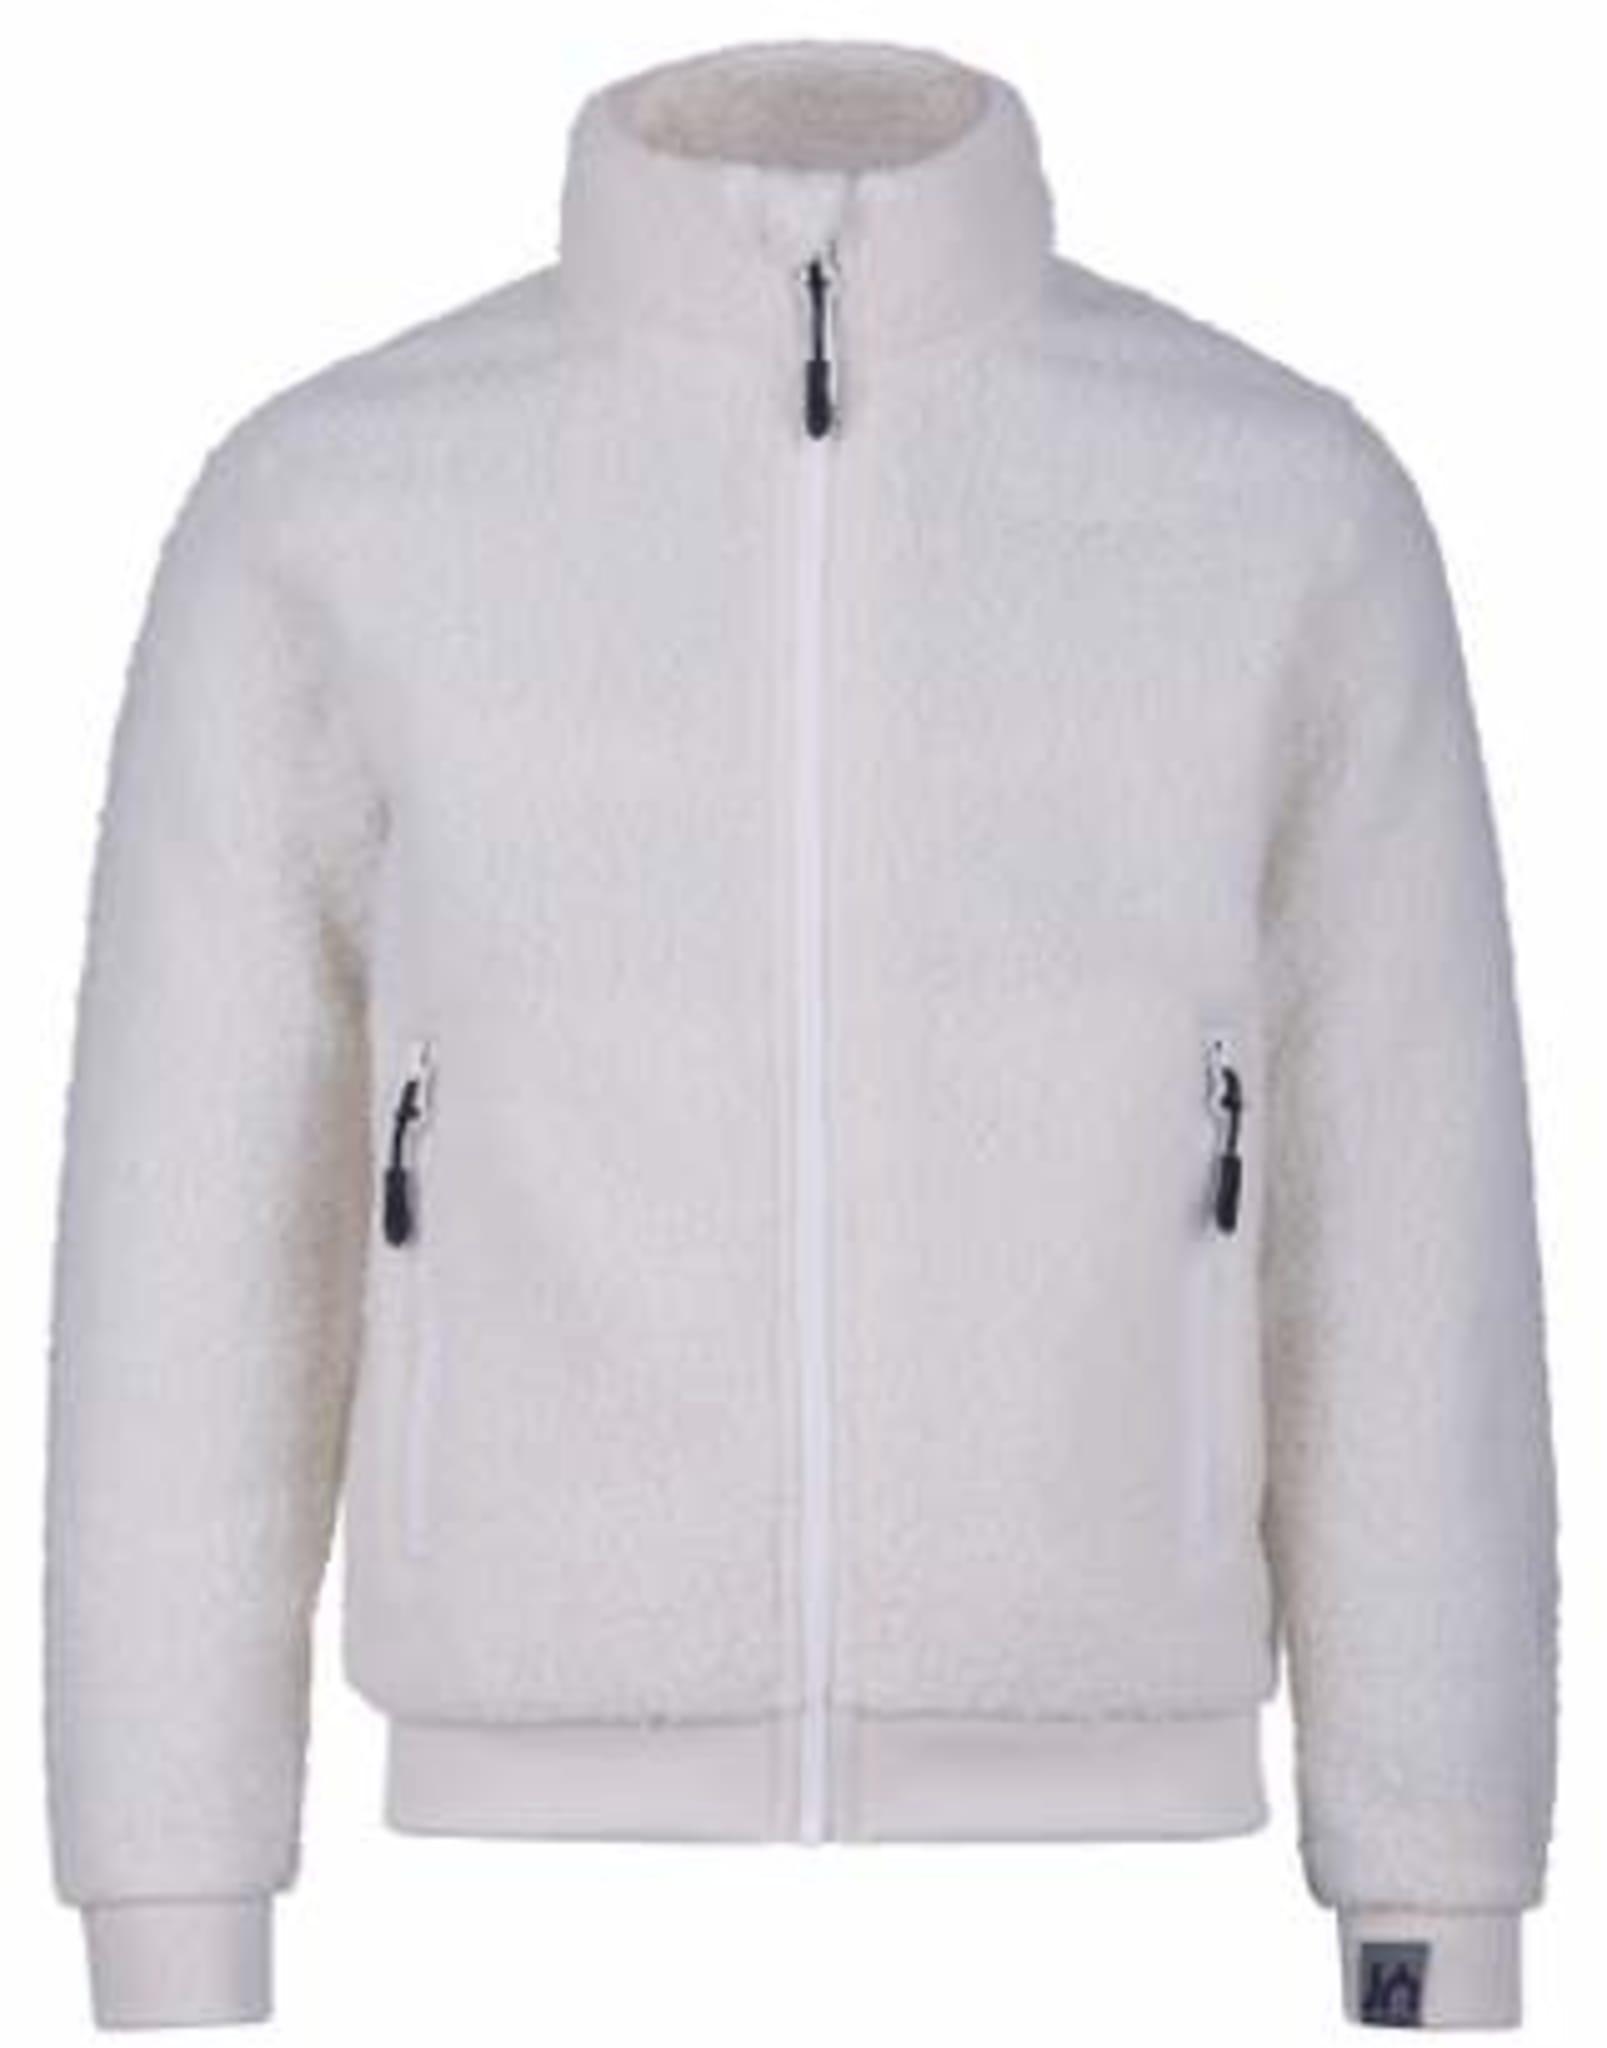 Behagelig og isolerende jakke